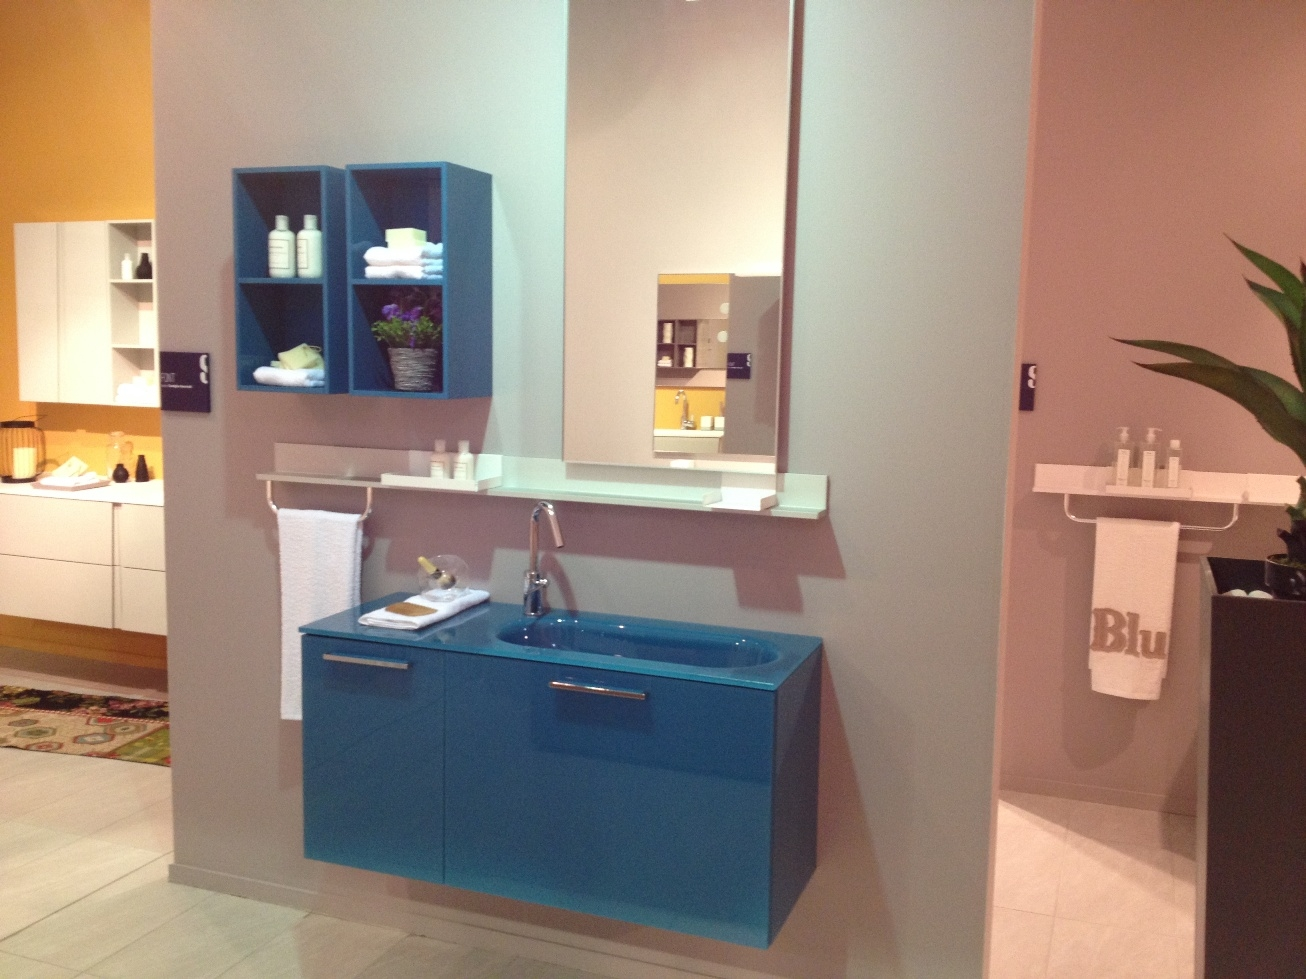 Scavolini bathrooms front vetro arredo bagno a prezzi for Outlet arredamento torino